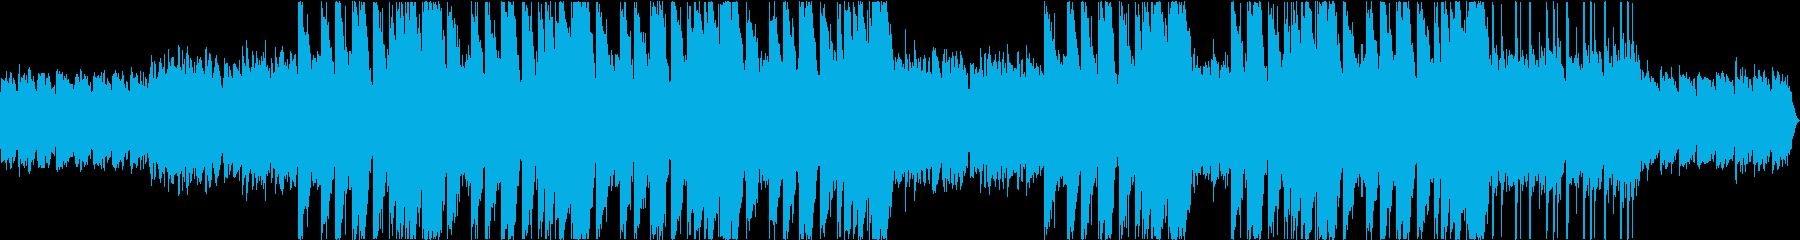 切ないゆったり系トラップビートの再生済みの波形